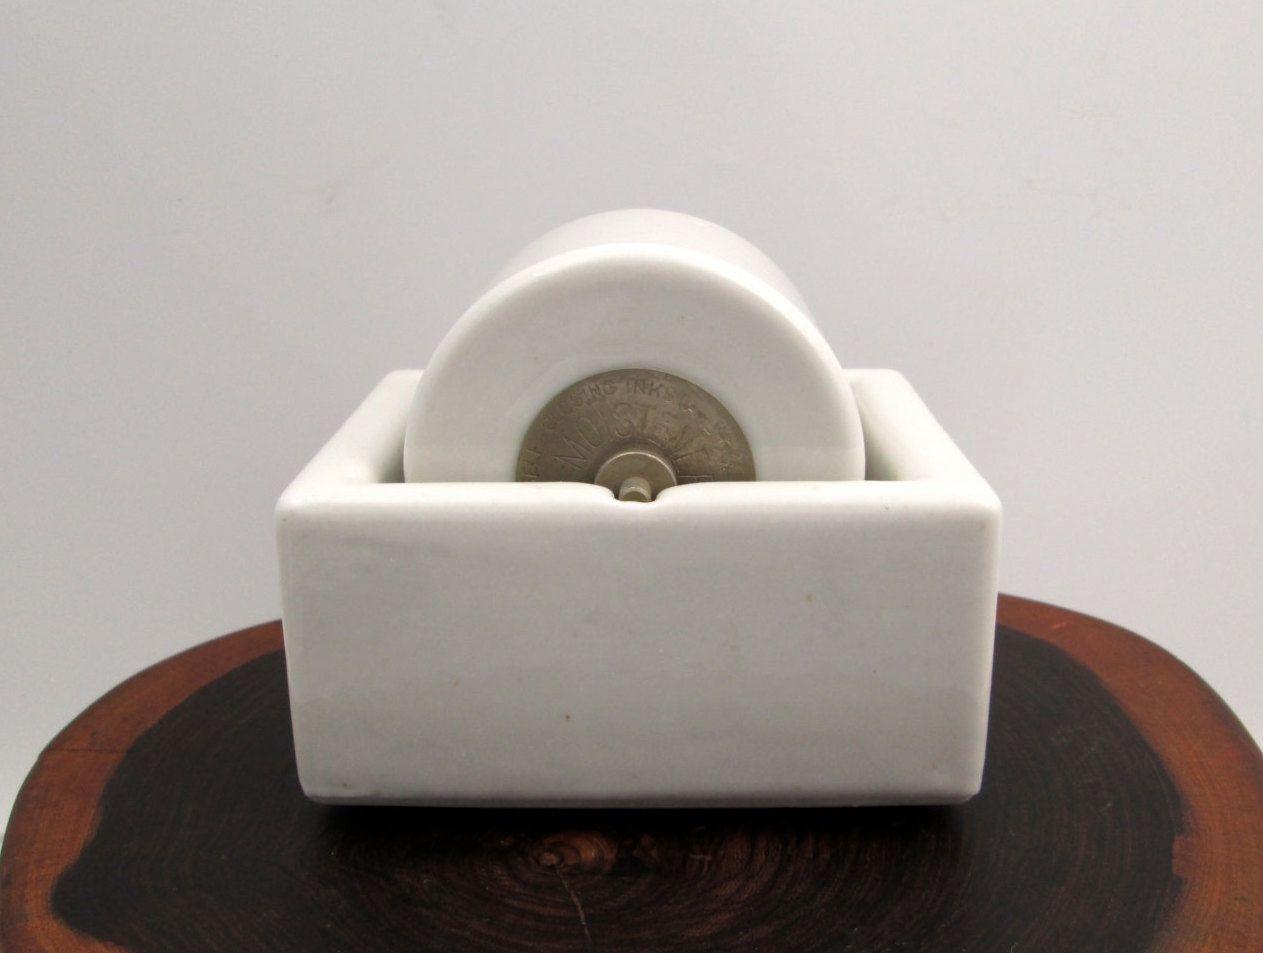 Vintage Sengbusch Ideal Moistener Heavy White Porcelain